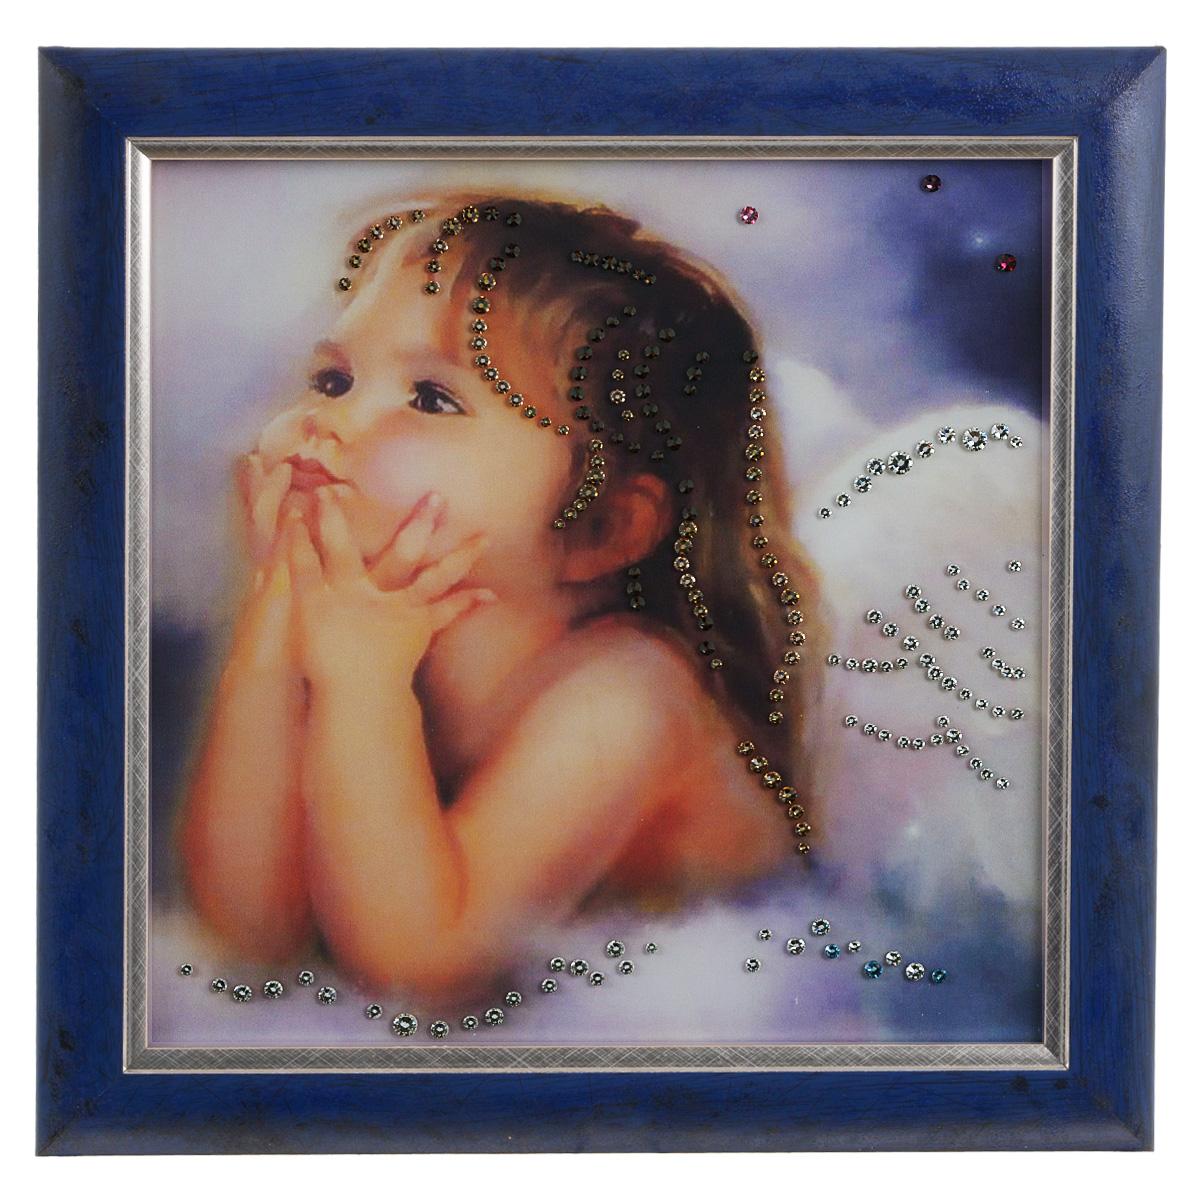 Картина с кристаллами Swarovski Ты мой ангел, 30 см х 30 см1396Изящная картина в раме Ты мой ангел инкрустирована кристаллами Swarovski, которые отличаются четкой и ровной огранкой, ярким блеском и чистотой цвета. Идеально подобранная палитра кристаллов прекрасно дополняет картину. С задней стороны изделие оснащено специальной проволокой для размещения на стене. Картина с кристаллами Swarovski элегантно украсит интерьер дома, а также станет прекрасным подарком, который обязательно понравится получателю. Блеск кристаллов в интерьере - что может быть сказочнее и удивительнее. Изделие упаковано в подарочную картонную коробку синего цвета и комплектуется сертификатом соответствия Swarovski.